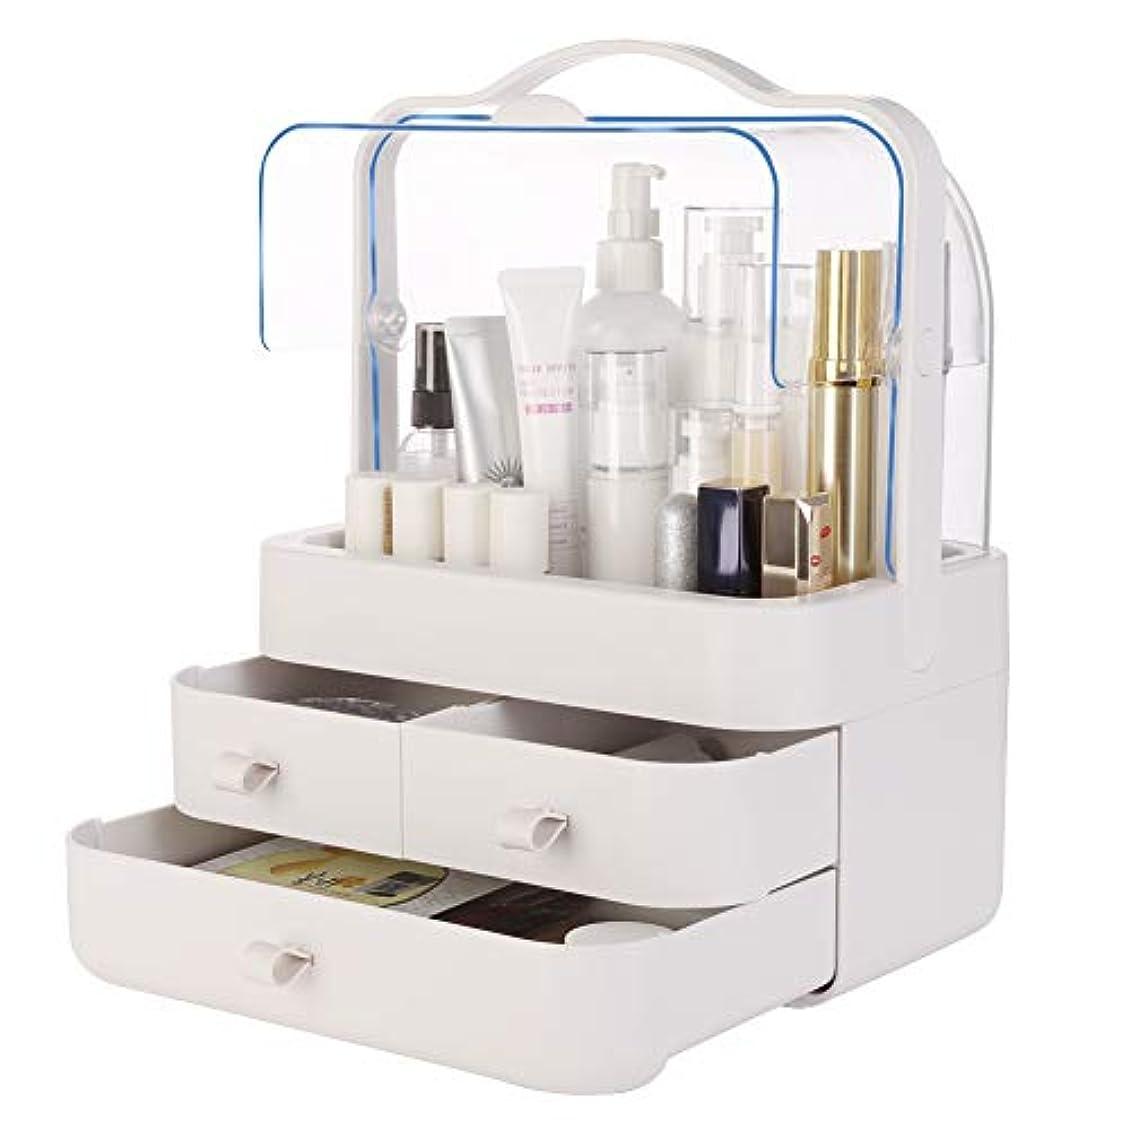 インフルエンザ回復静的化粧品収納ボックス VICOODA メイクケース 防塵 防水 大容量 透明カバー開閉 ABS+PP 引き出し付 持ち運び取っ手付き 小物/化粧品入れ